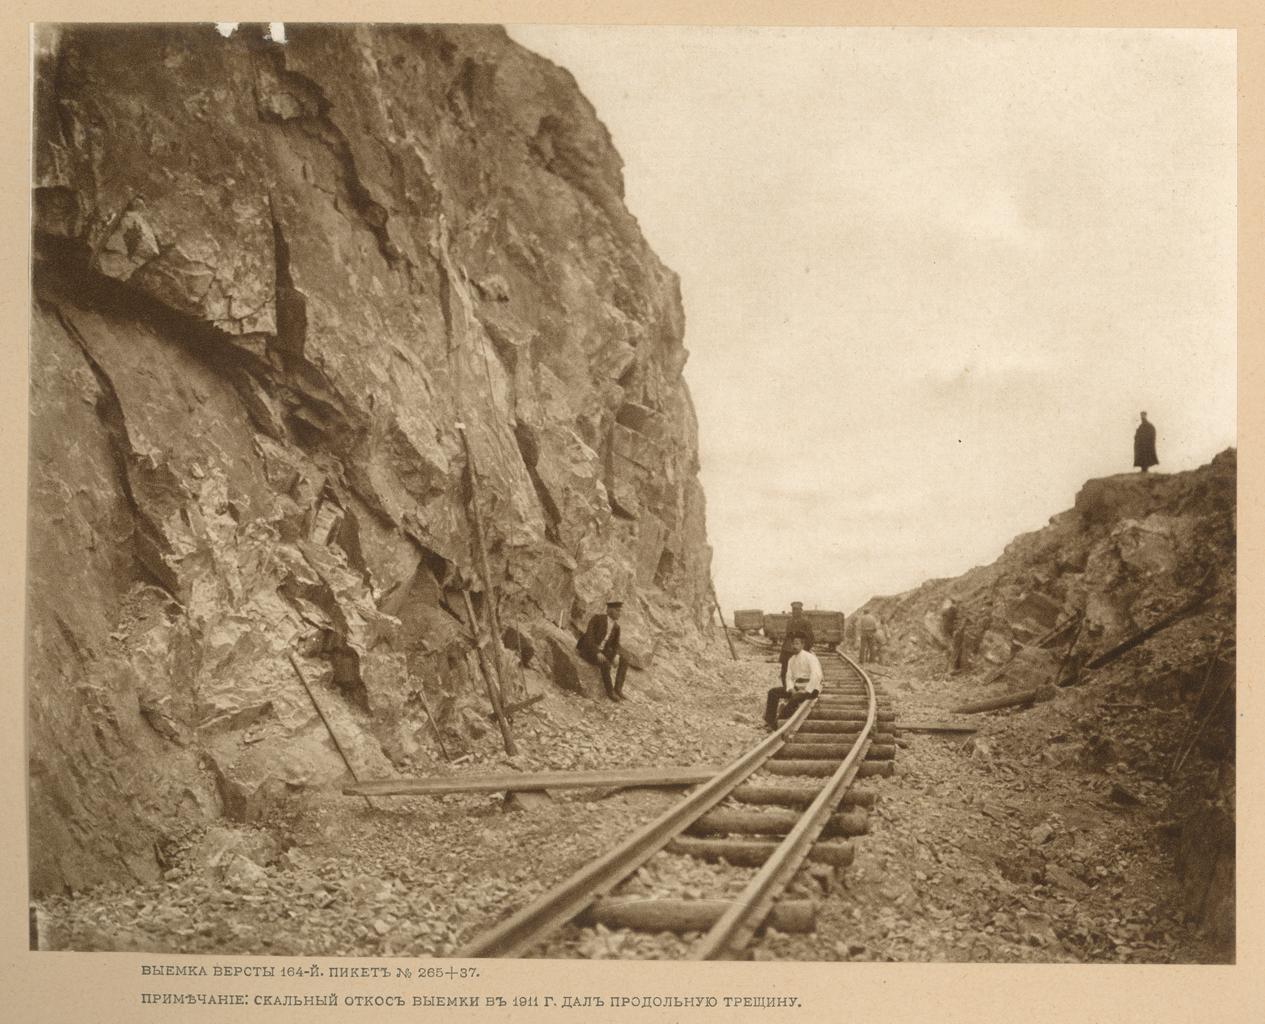 Верста 164. Выемка, пикет № 265+37. Скальный откос выемки в 1911 г. дал продольную трещину.